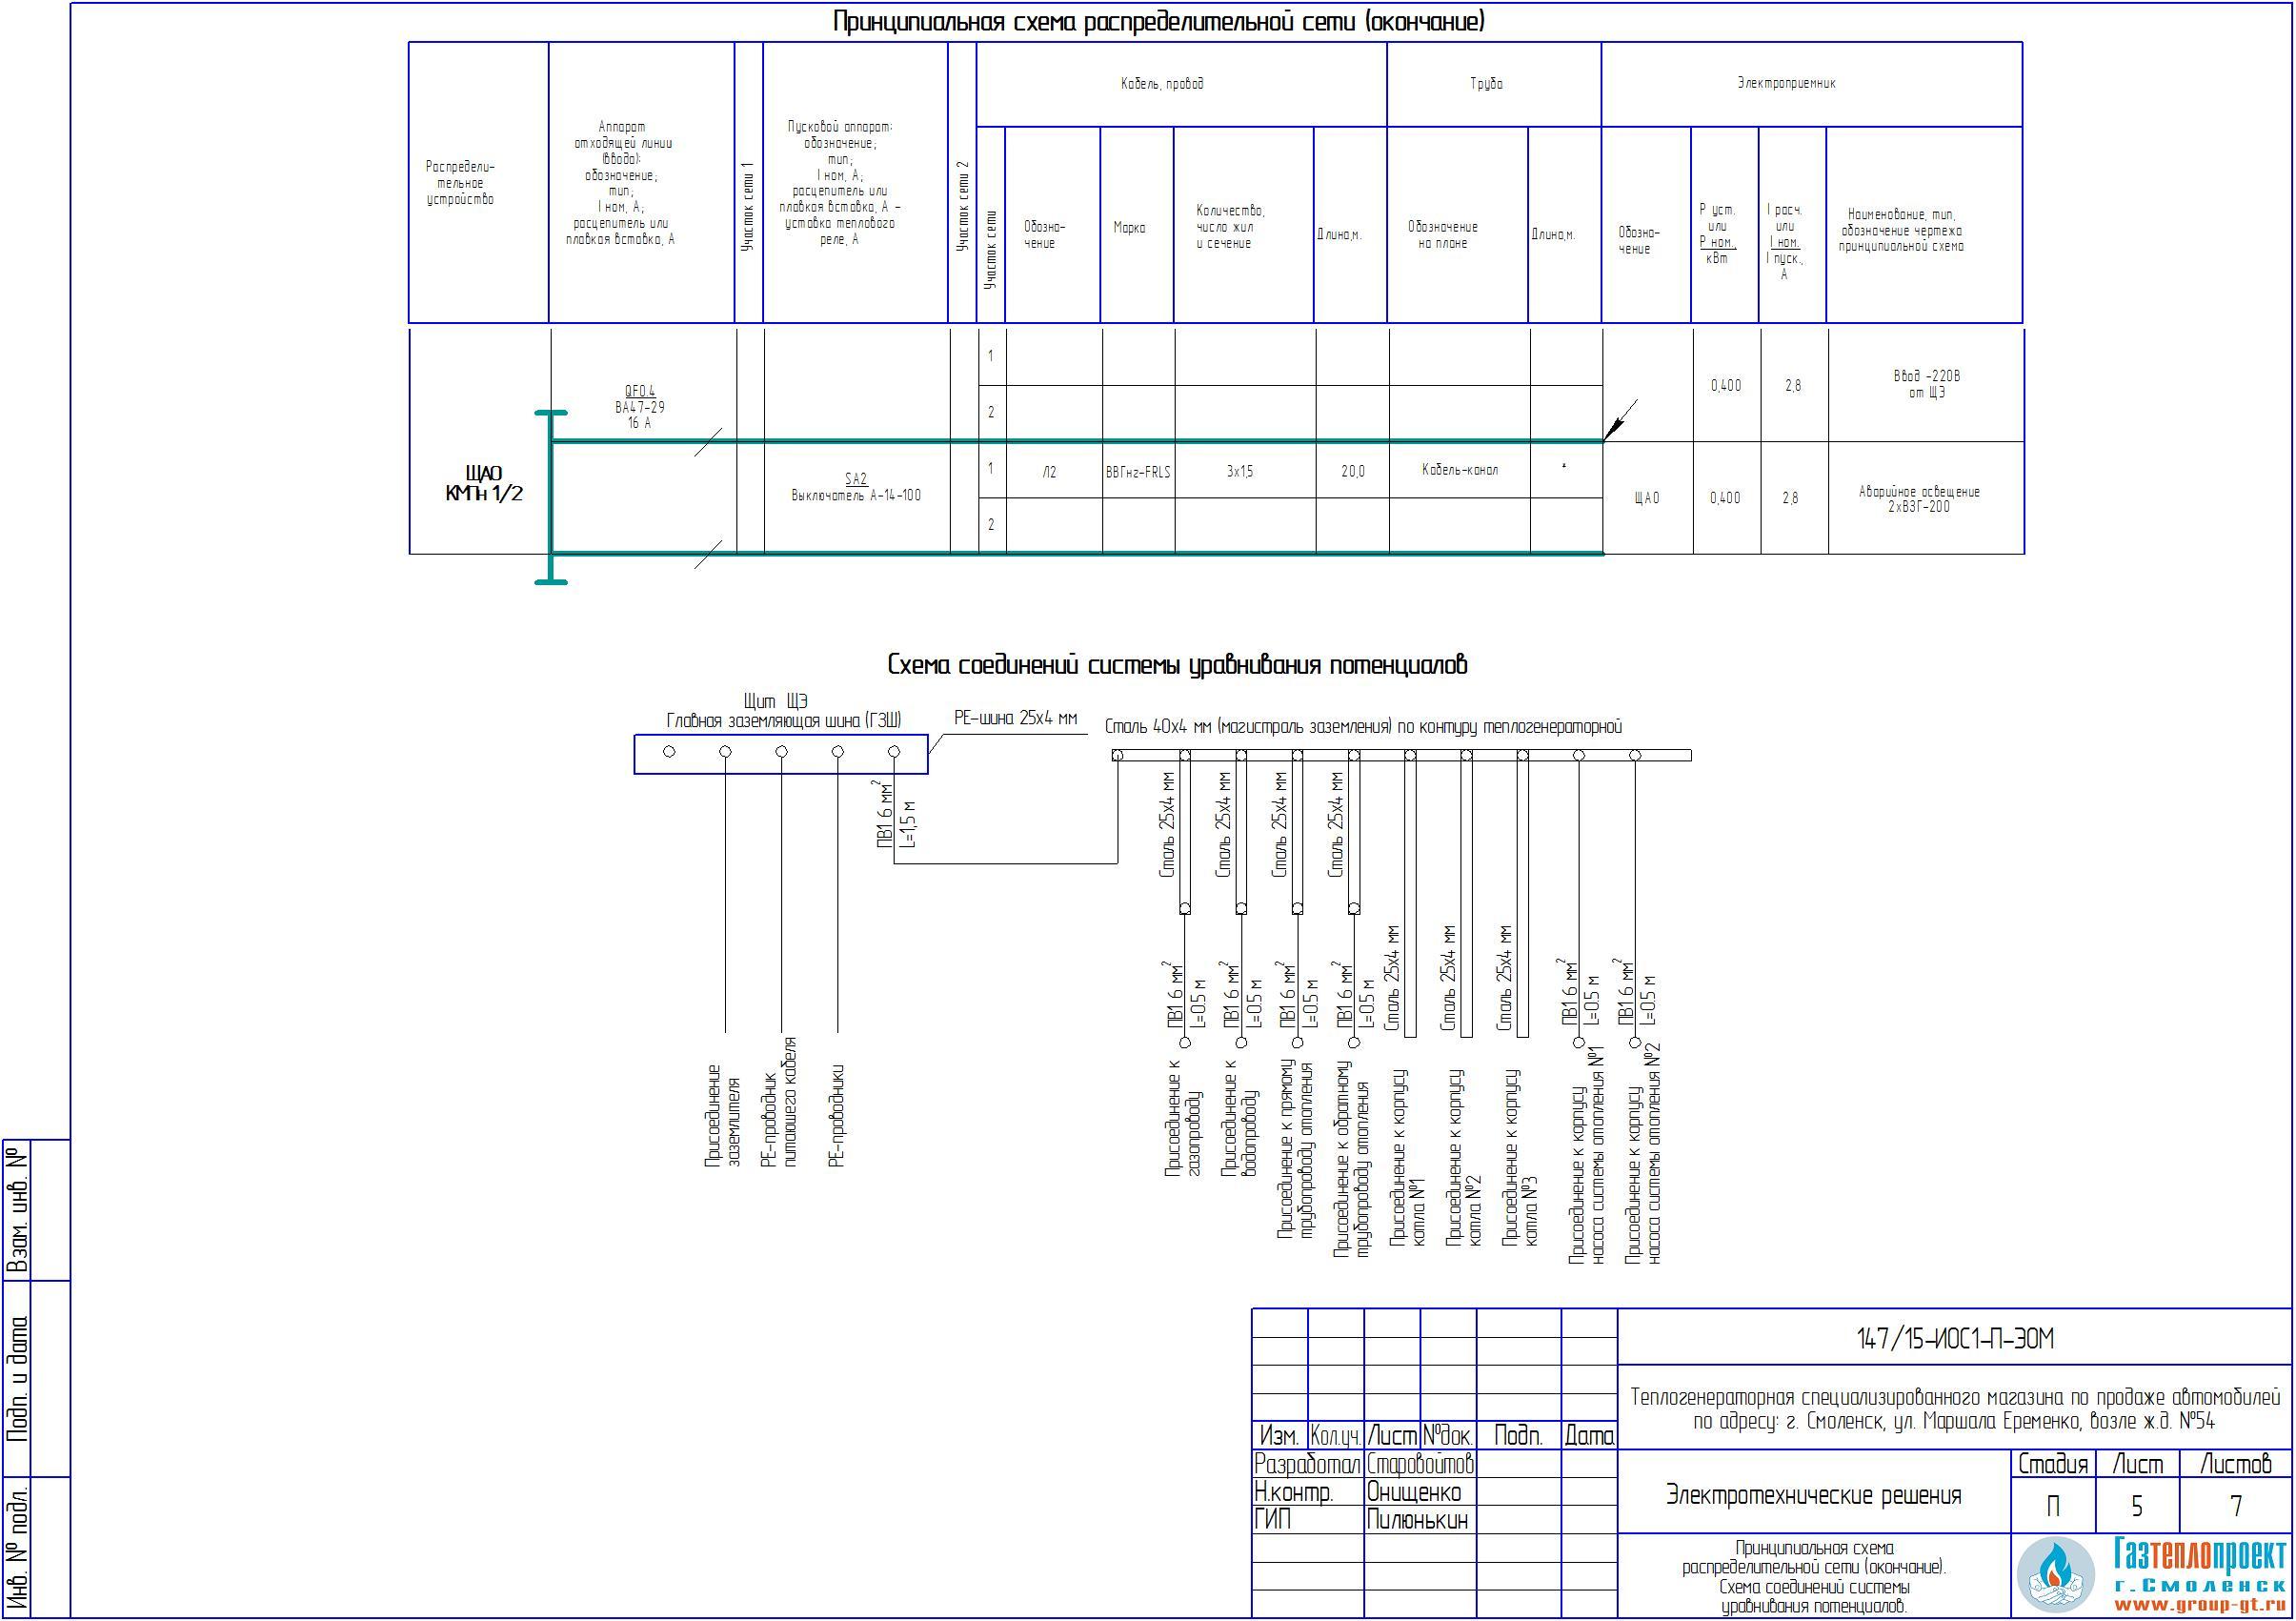 Схема принципиальная распределительной сети форма 3